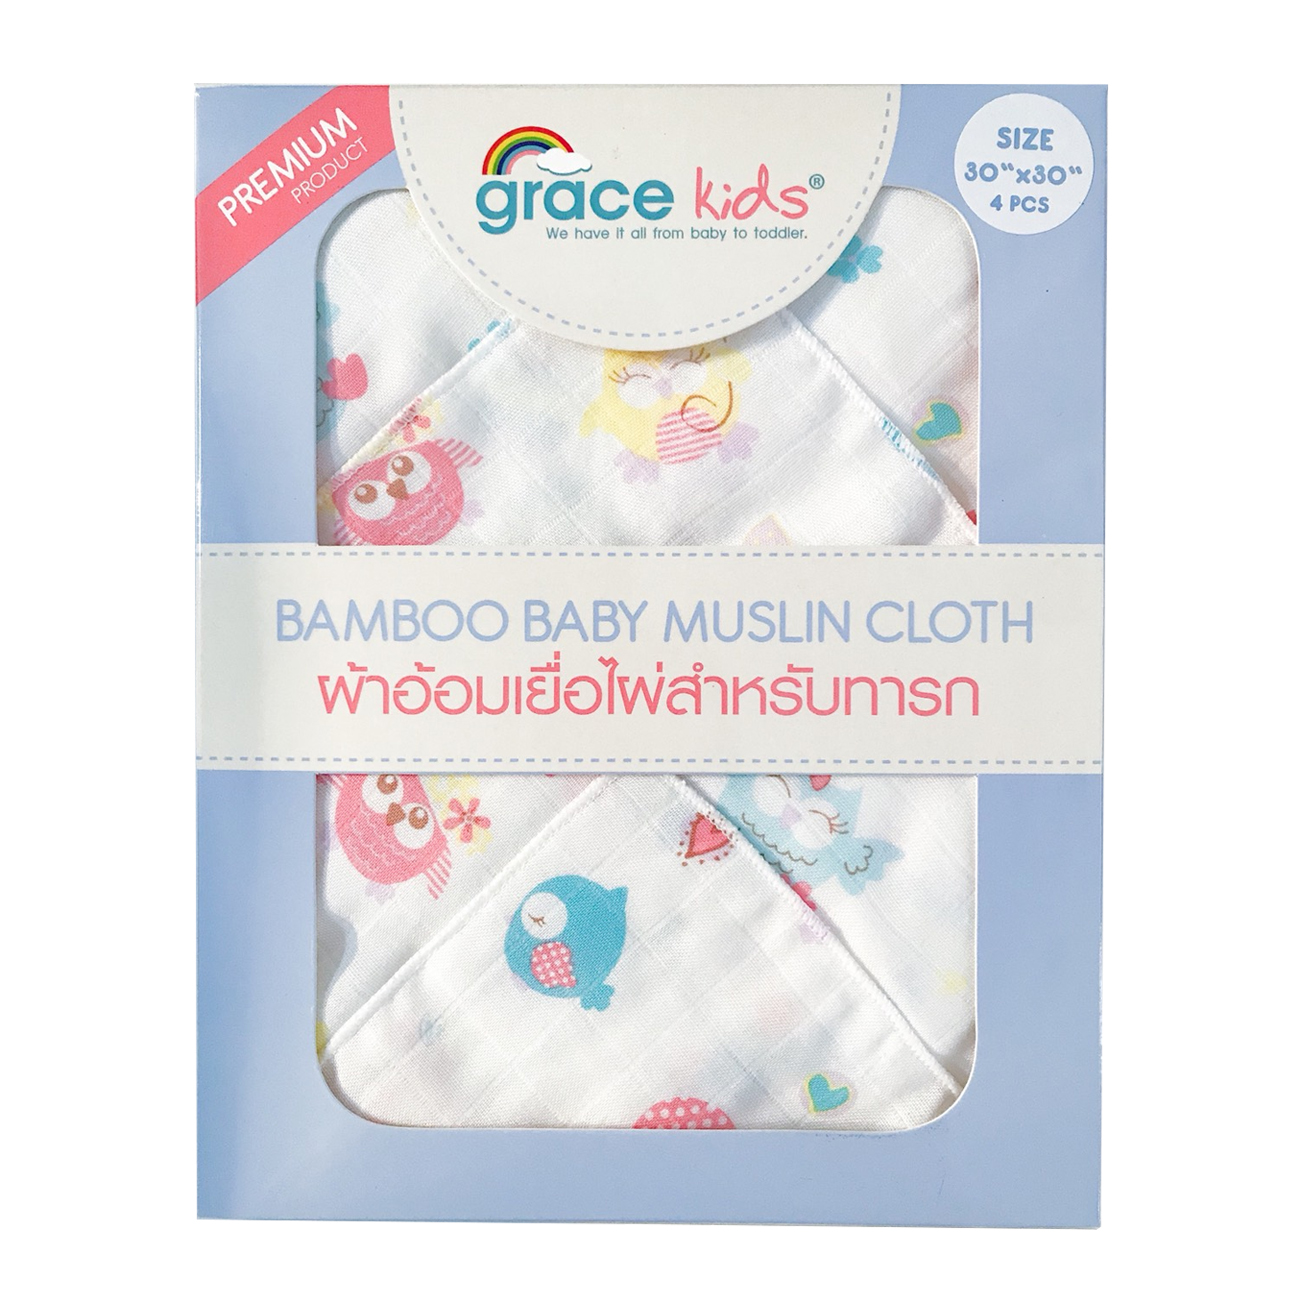 GraceKids ผ้าอ้อมเยื่อไผ่เนื้อนิ่มพิเศษ ลายนกฮูกลูกโป่ง ขนาด30x30 นิ้ว แพ็ค4ผืน